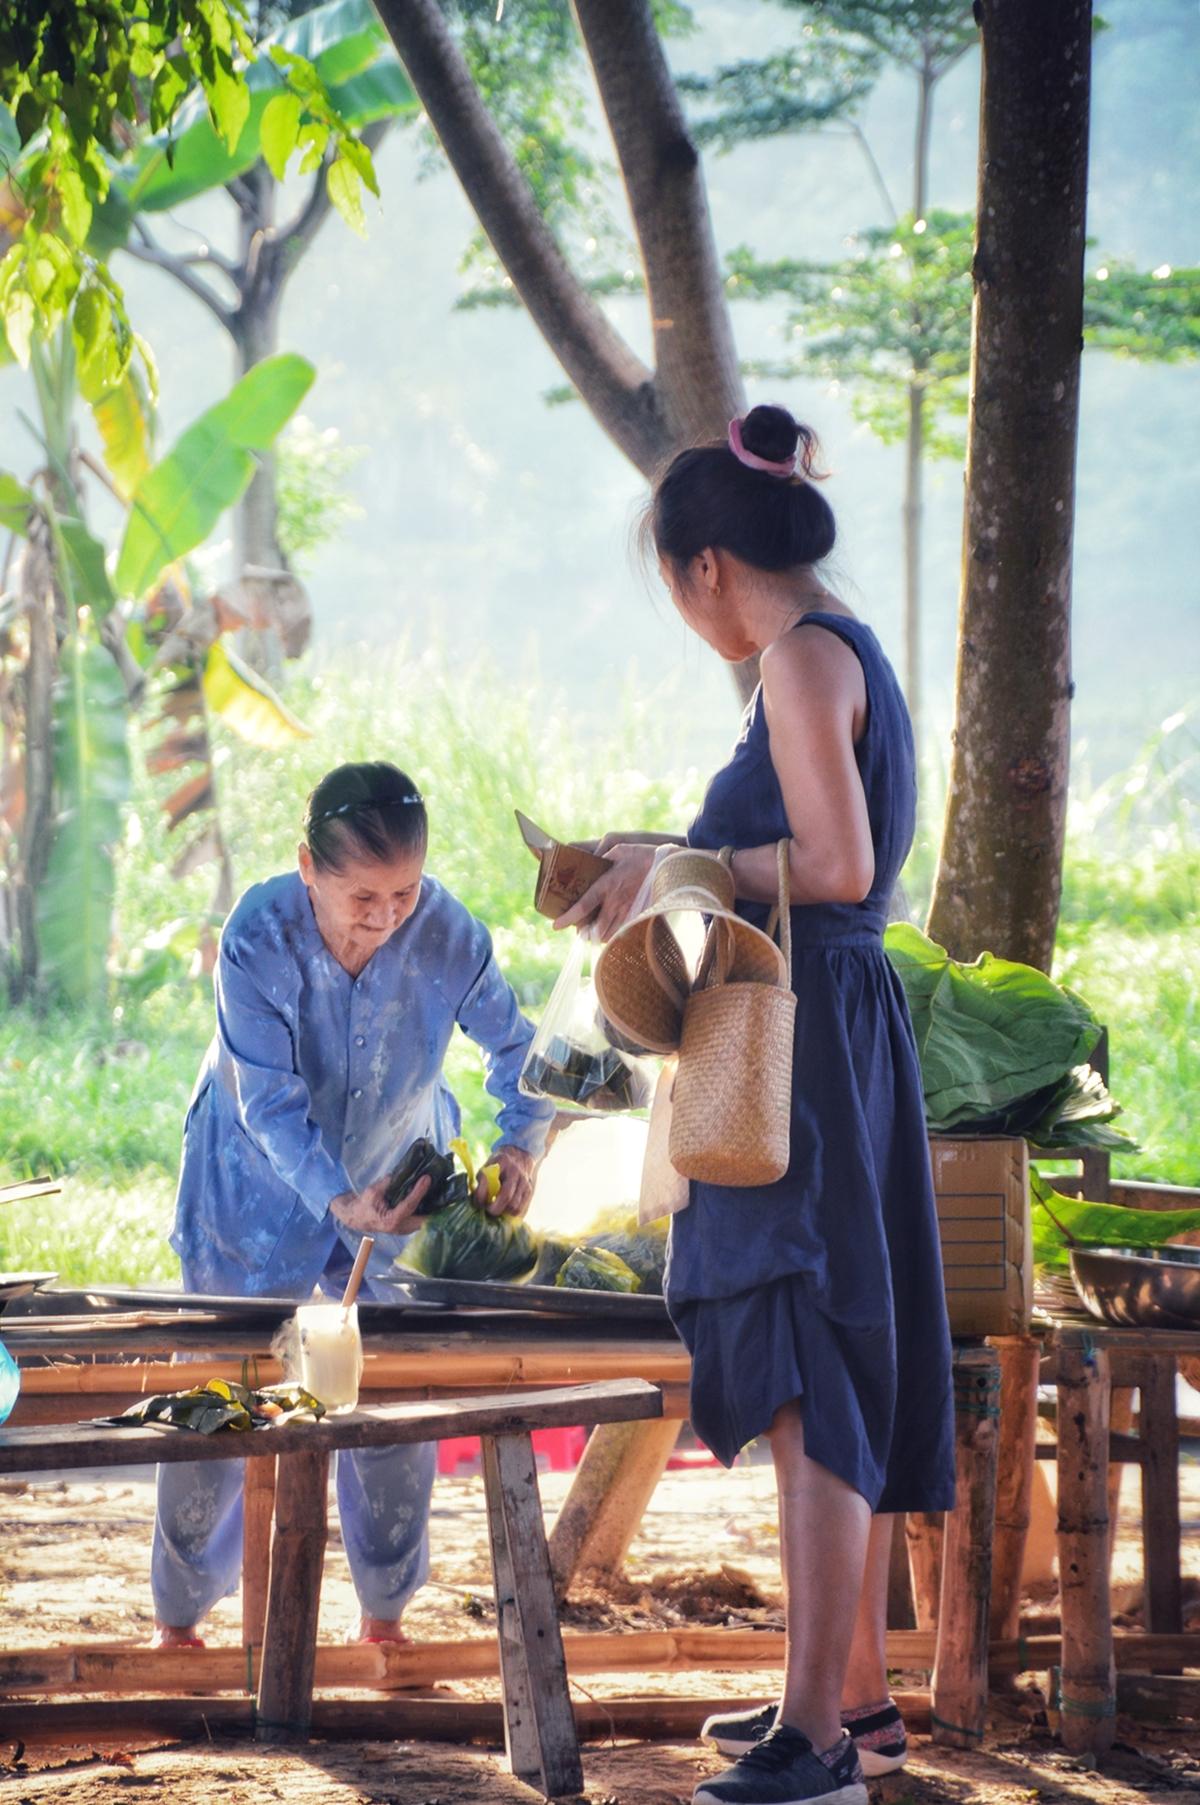 Vẻ đẹp chợ phiên Hương xưa làng cổ cố đô - 14